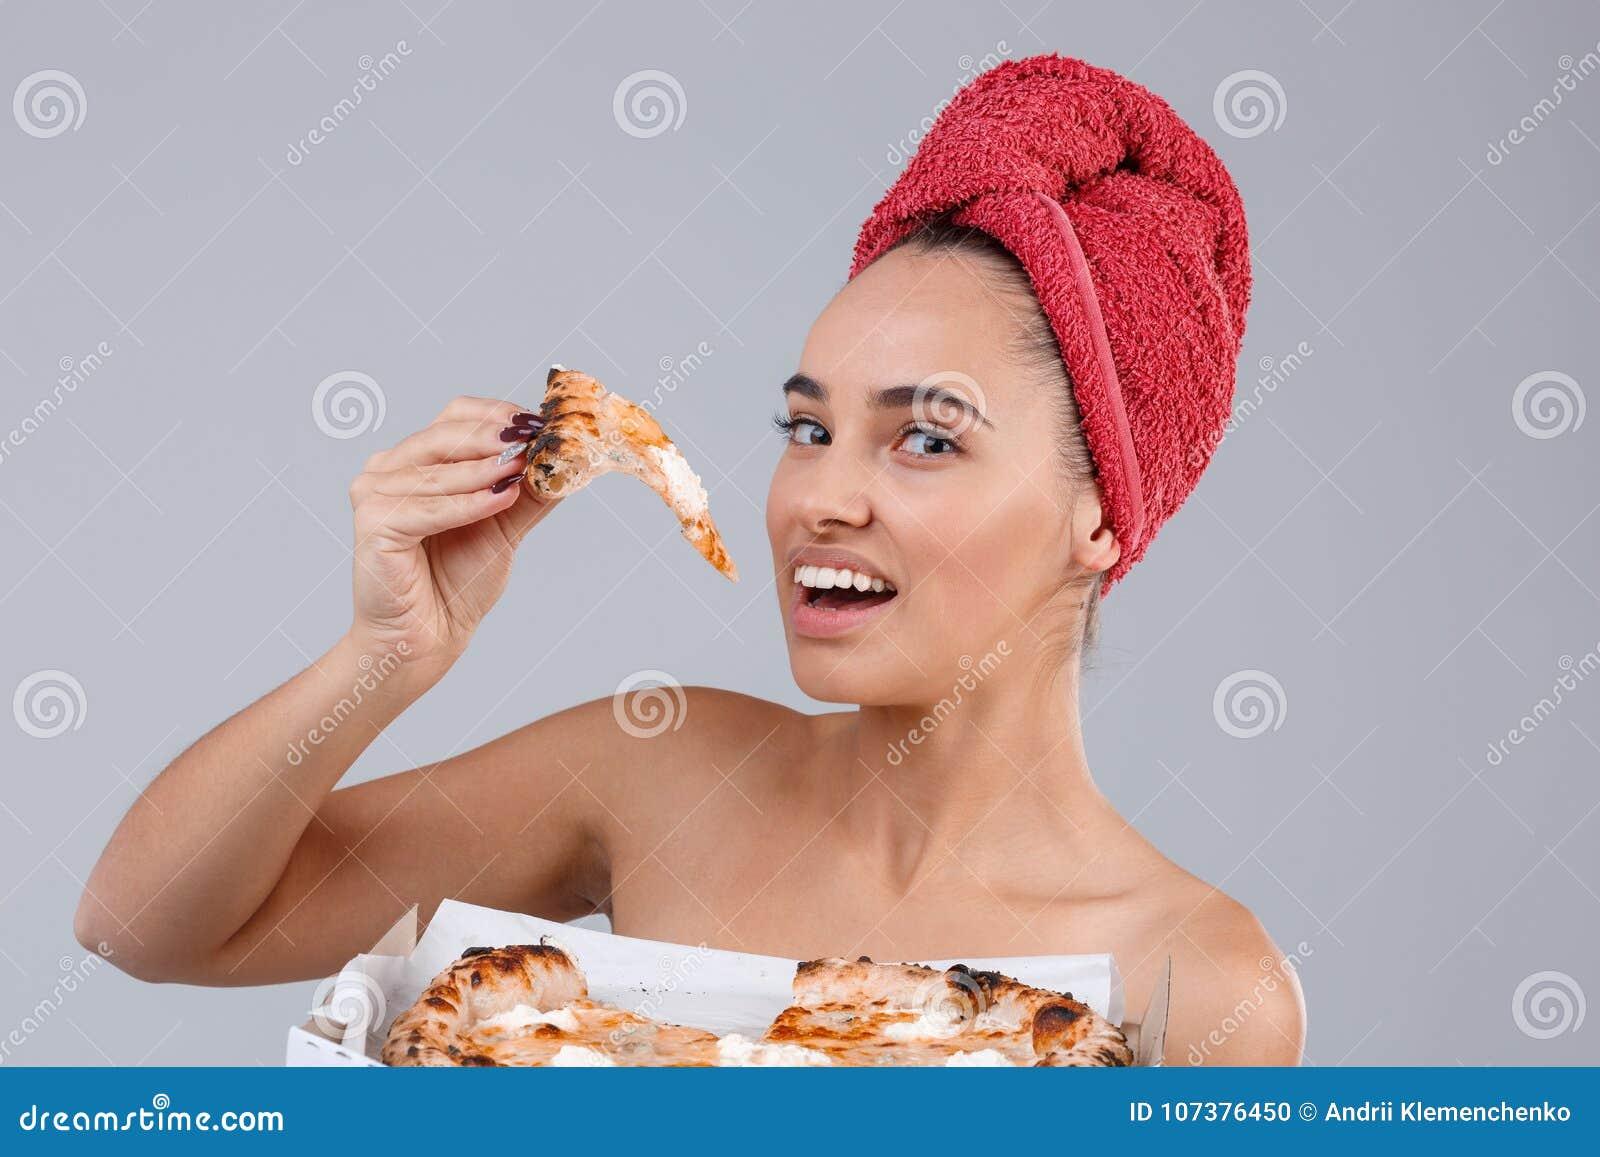 Une fille tenant une bouchée du morceau de pizza appétissant sur un fond gris